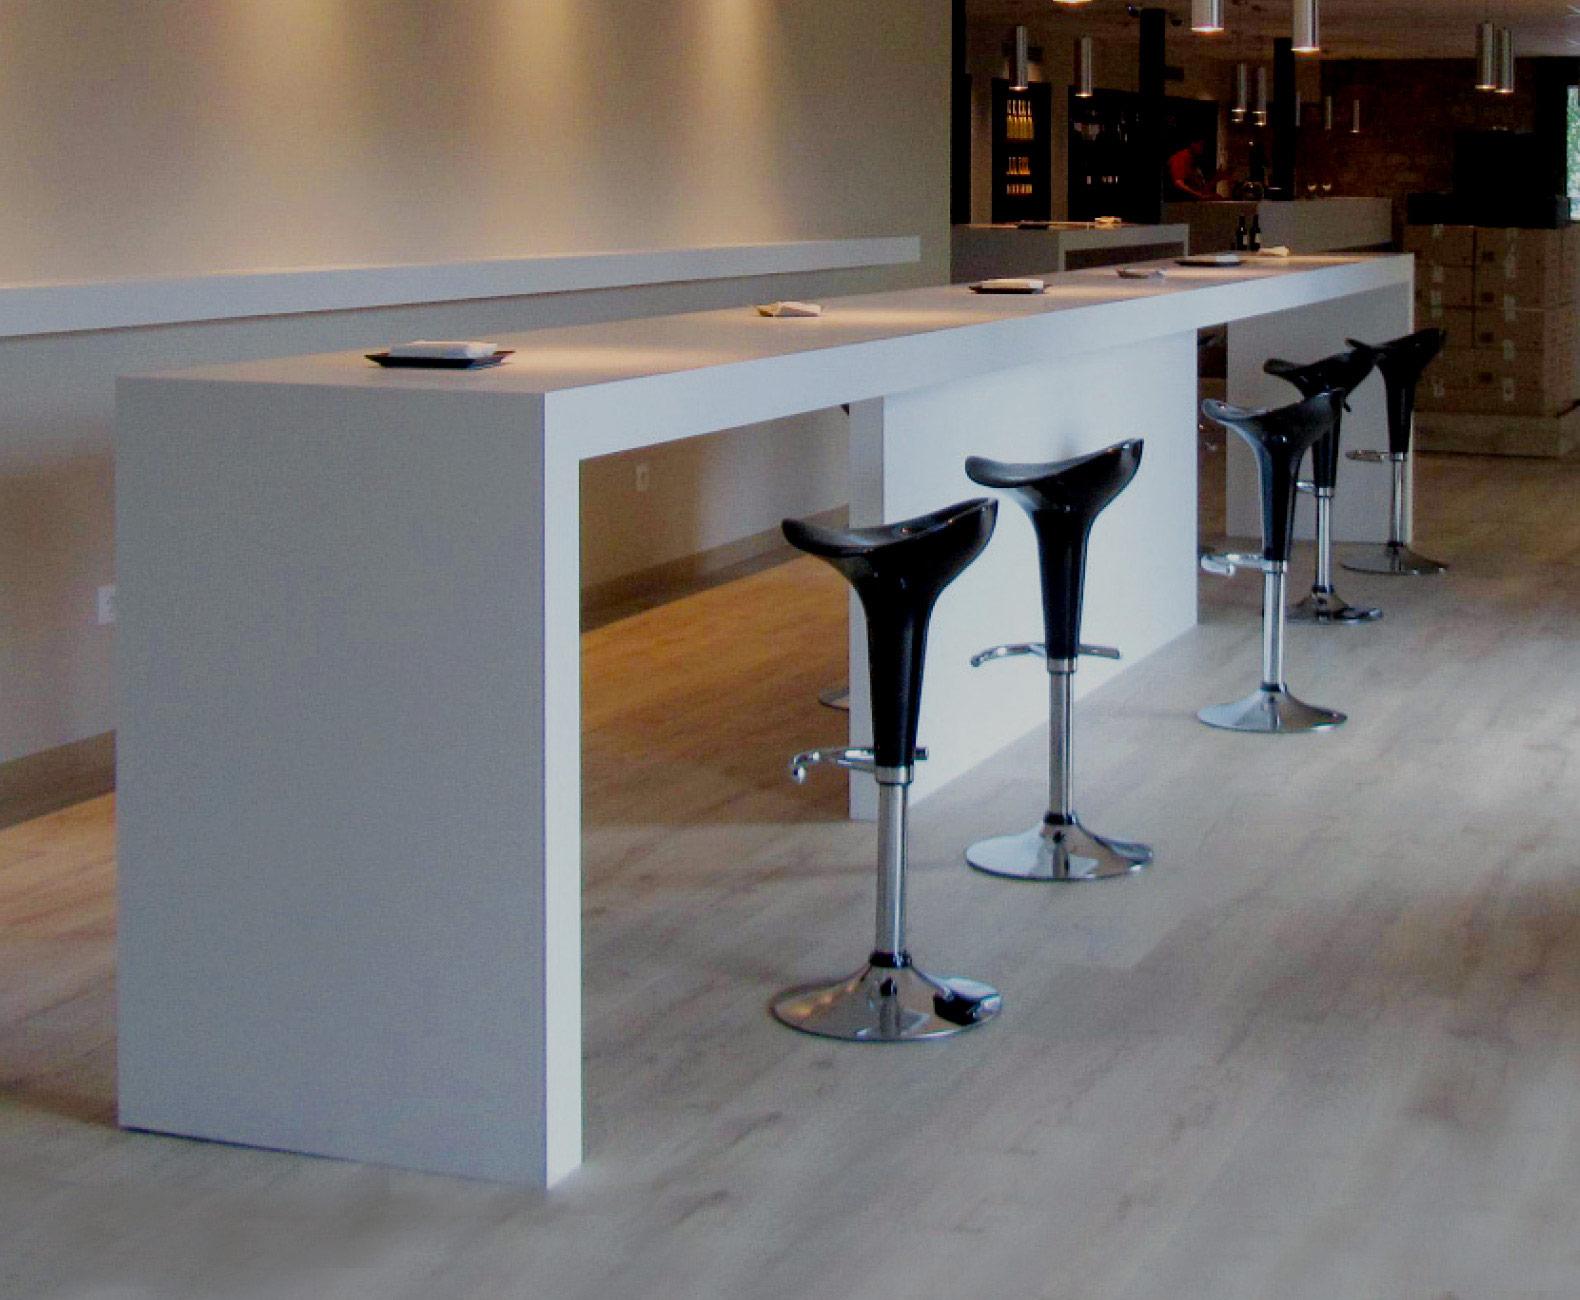 Haciendo isla de la cocina bar peque o mostrador free image - Mostradores de cocina ...